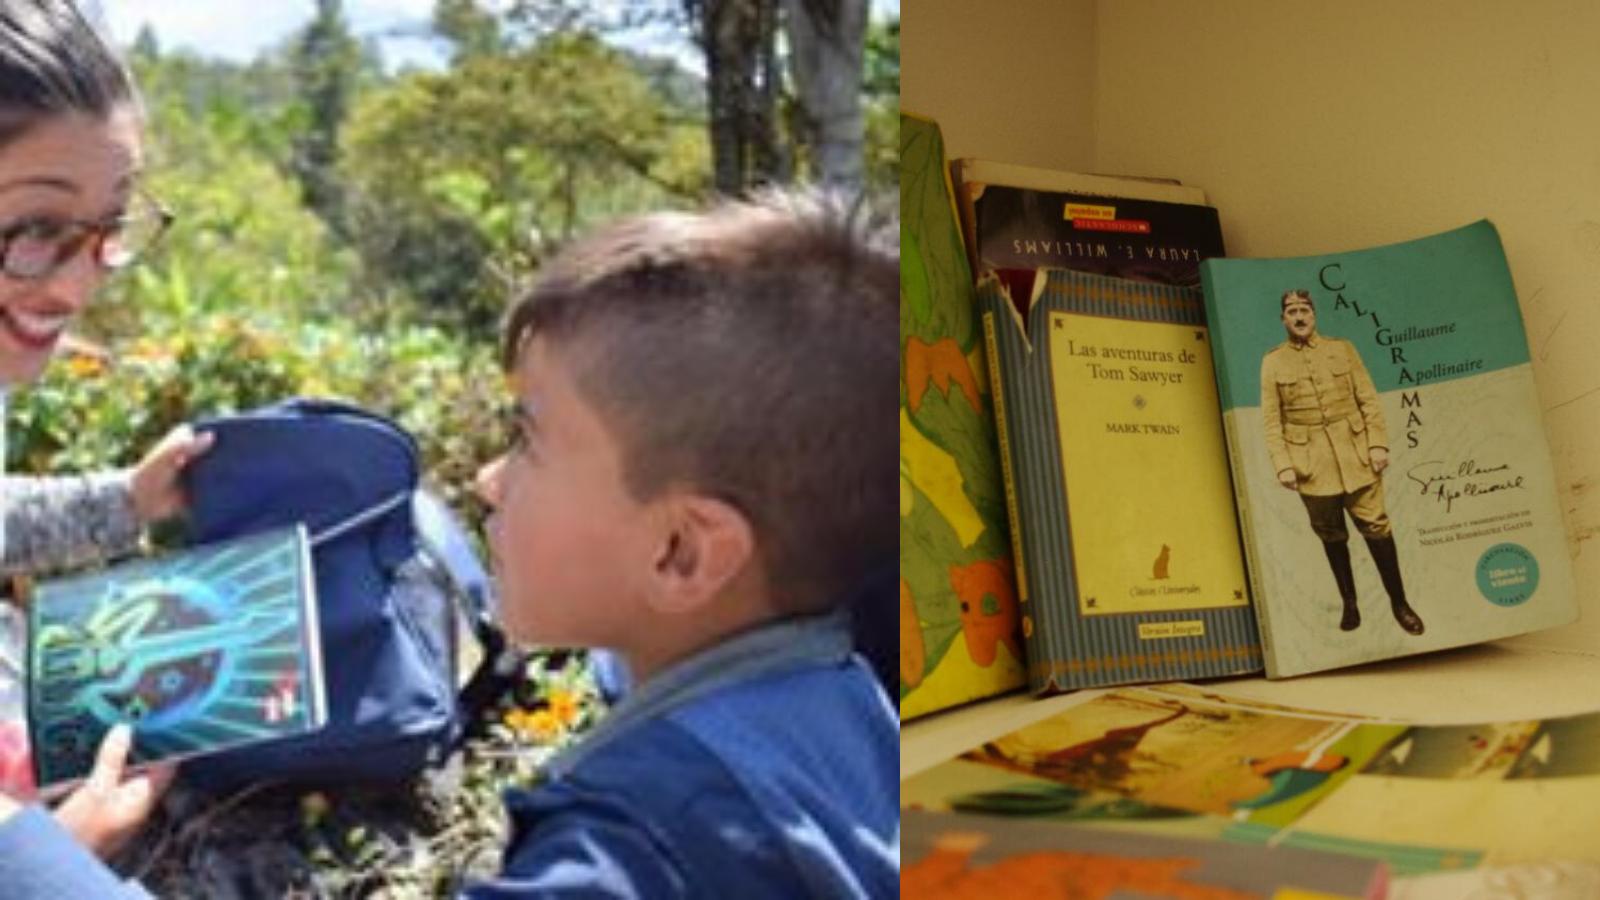 mercados-para-las-familias-y-libros-para-los-ninos-la-apuesta-de-paipa-en-el-dia-internacional-del-libro